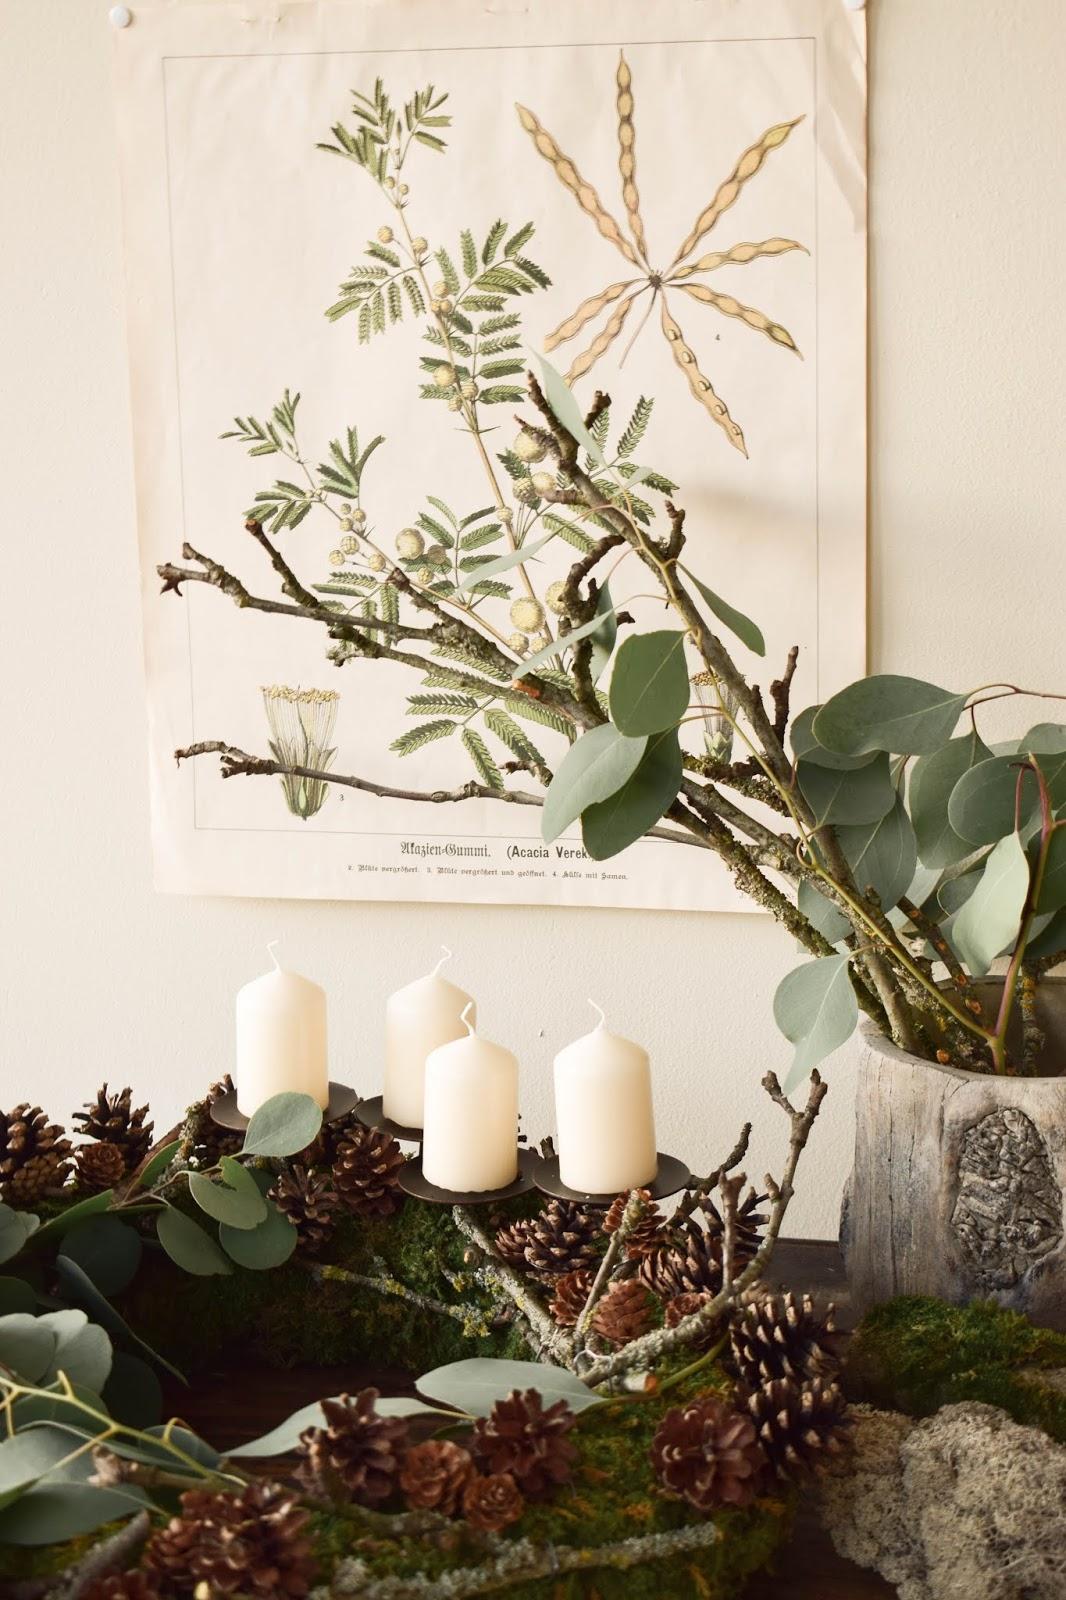 Adventskranz selber machen. DIY Mooskranz für Advent mit Zapfen, Eukalyptus, Ästen und ganz viel Natur. Adventskranz natürliche Deko Ideen